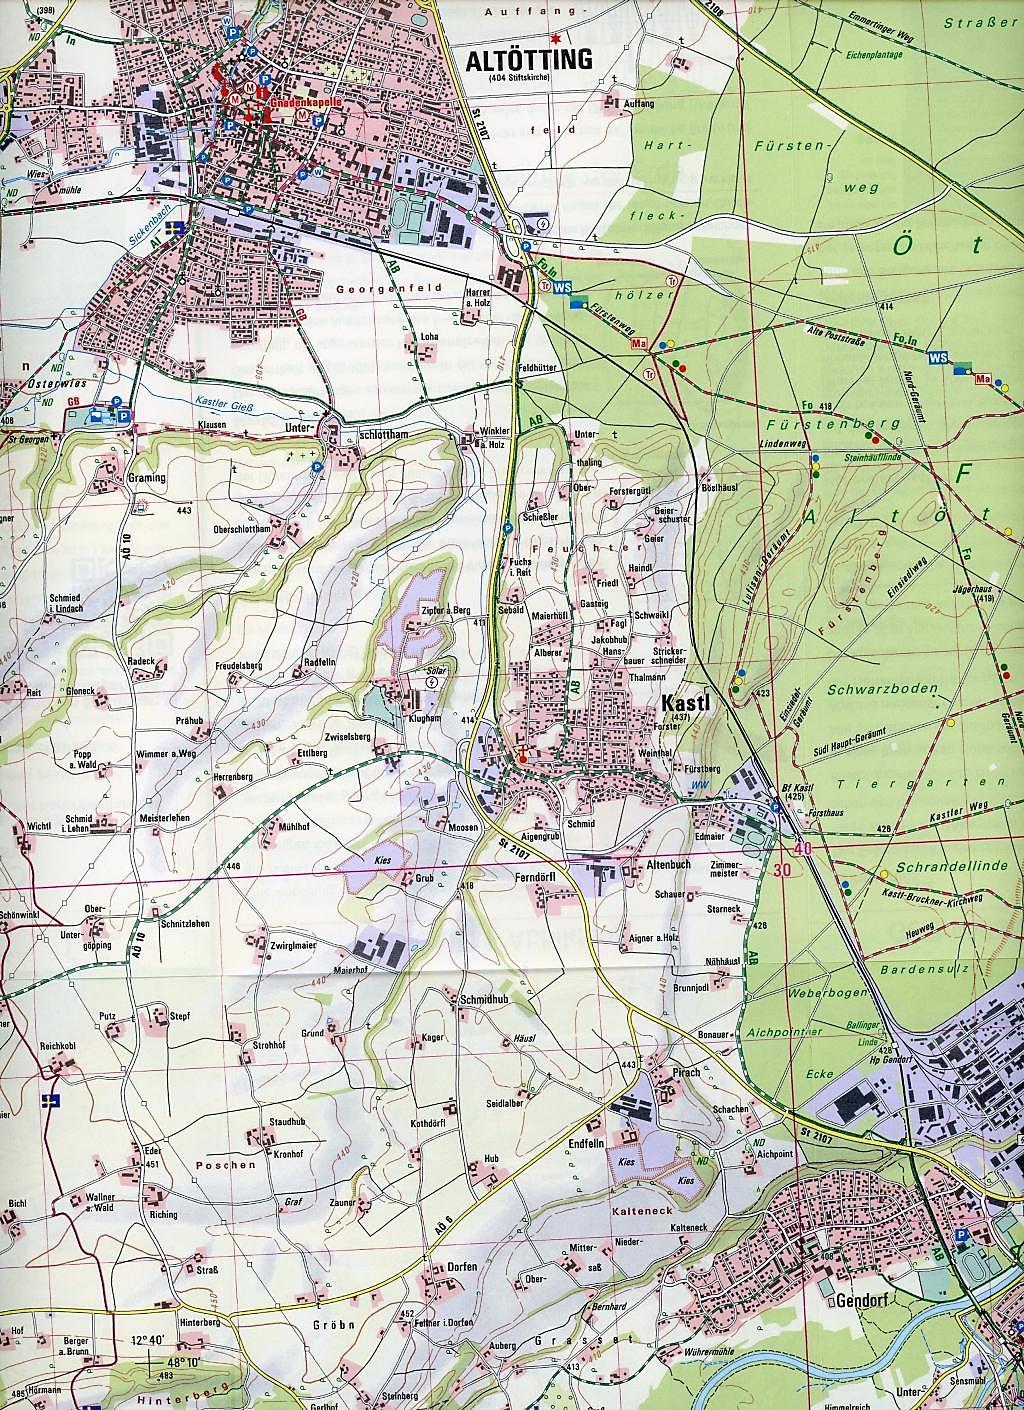 Ostseeradweg Karte.Amtliche Topographische Karte Bayern Altötting Buch Weltbild De